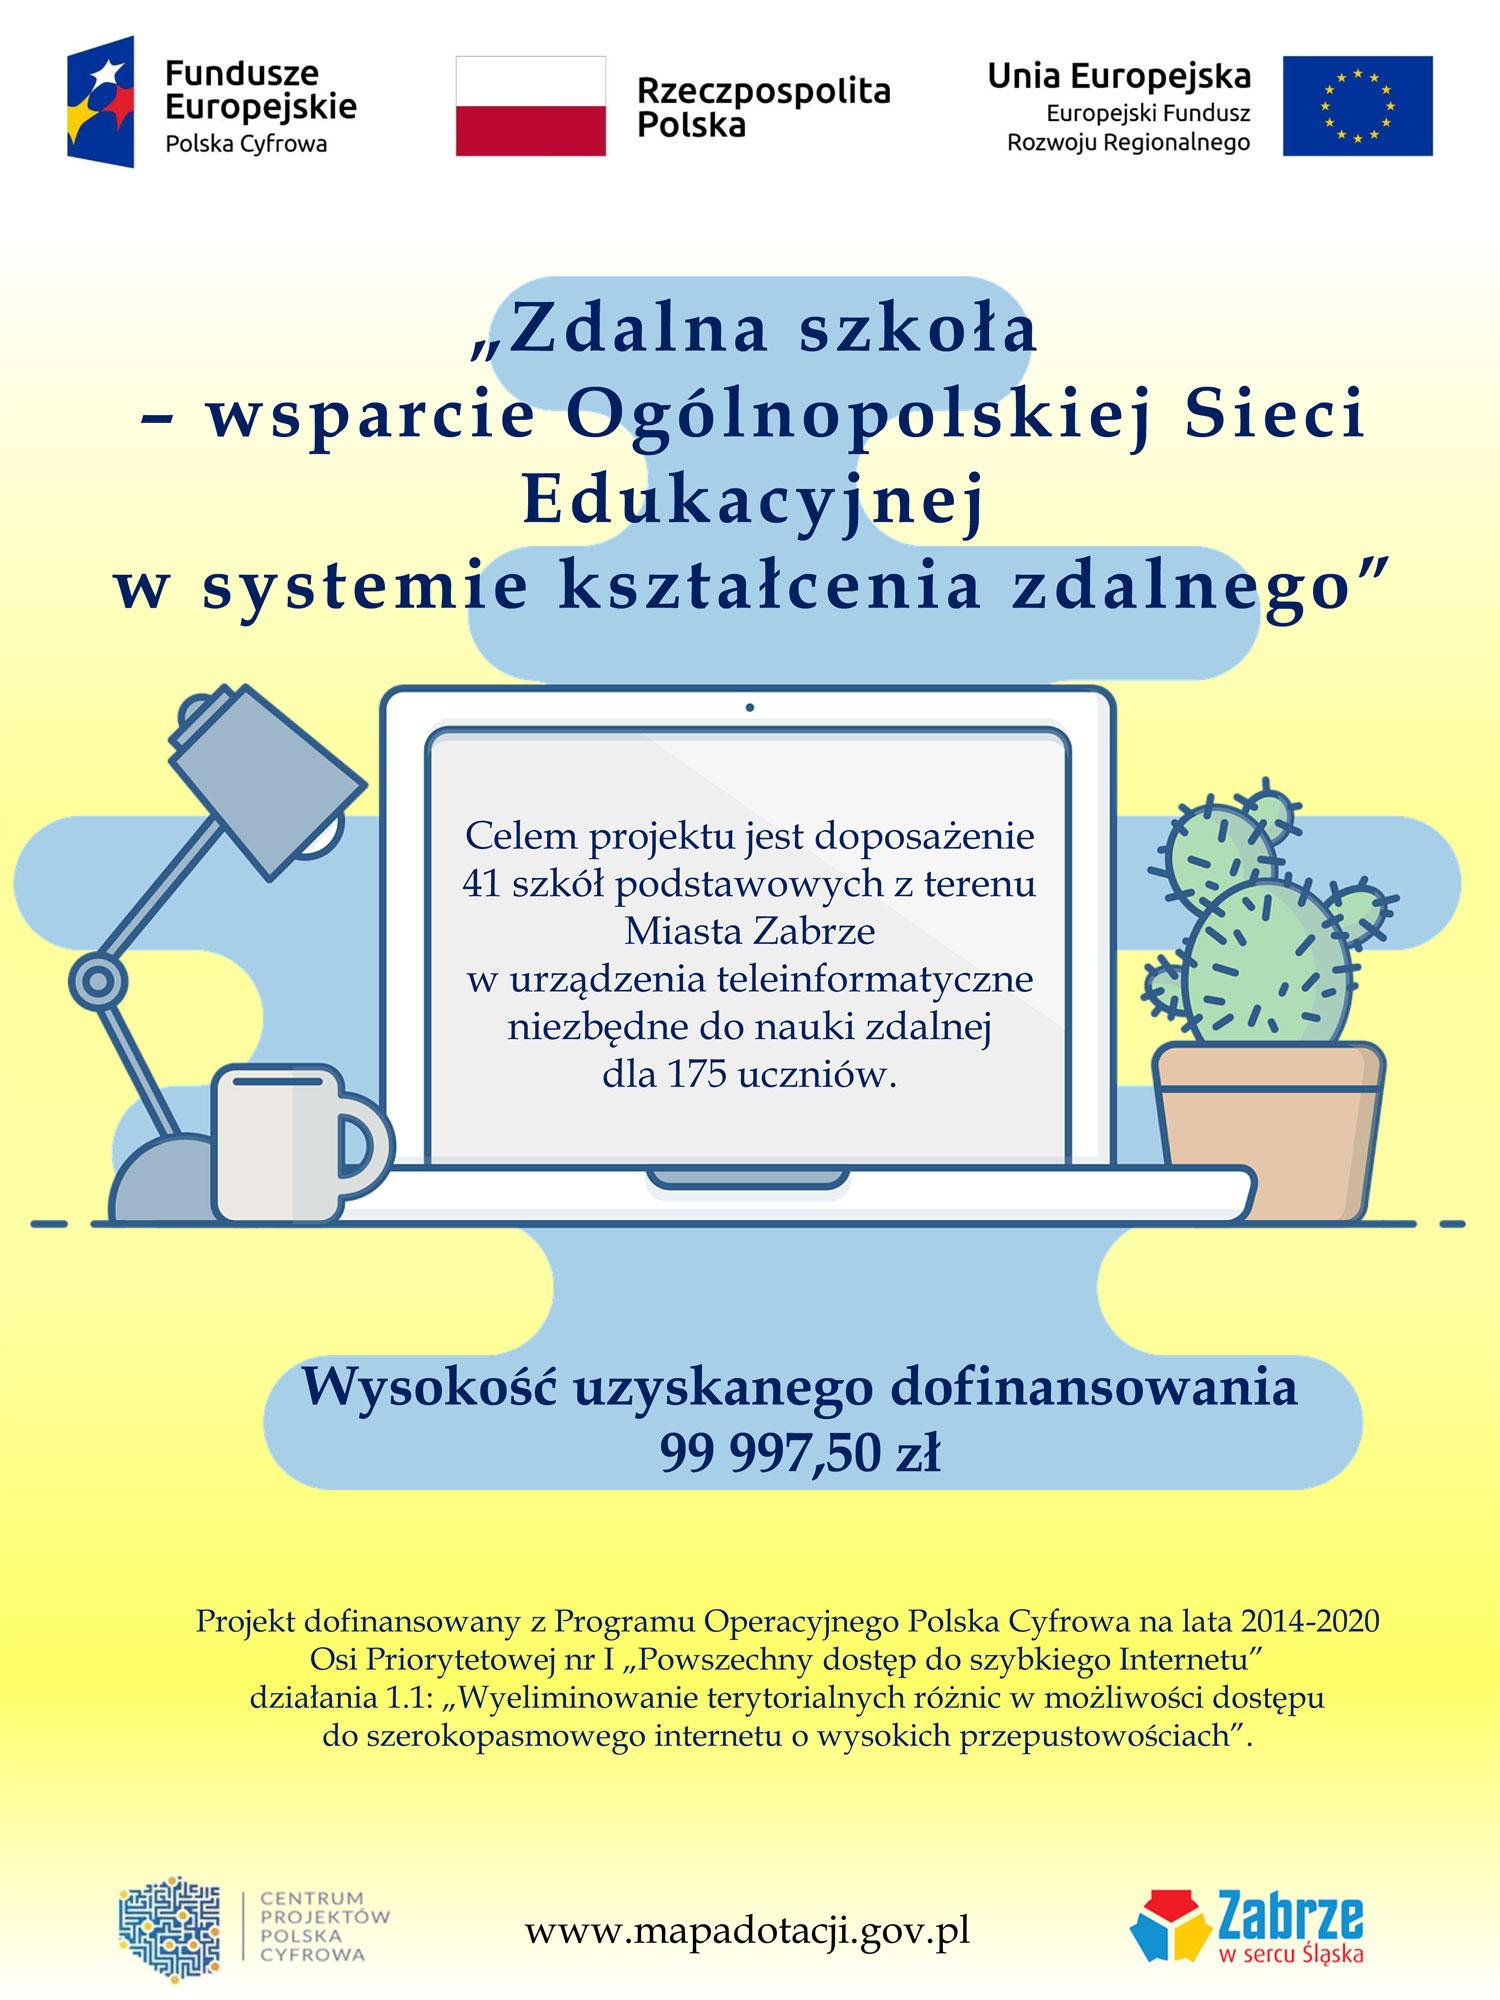 Zdalna szkoła - wsparcie Ogólnopolskiej Sieci Edukacyjnej w systemie kształcenia zdalnego